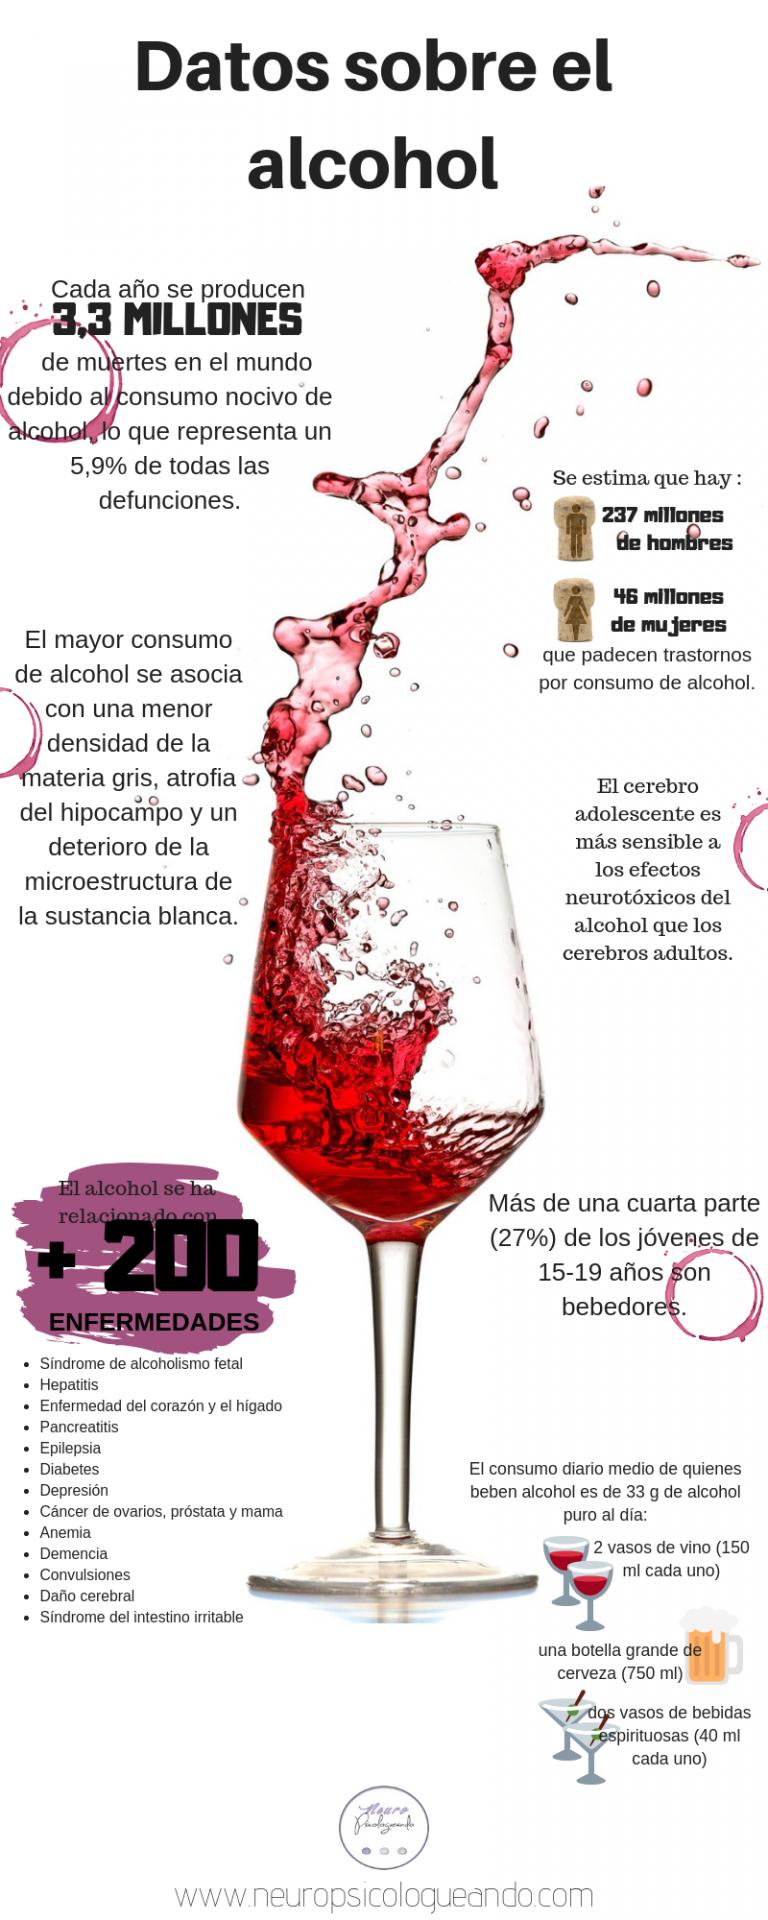 qué enfermedades causa el alcoholismo